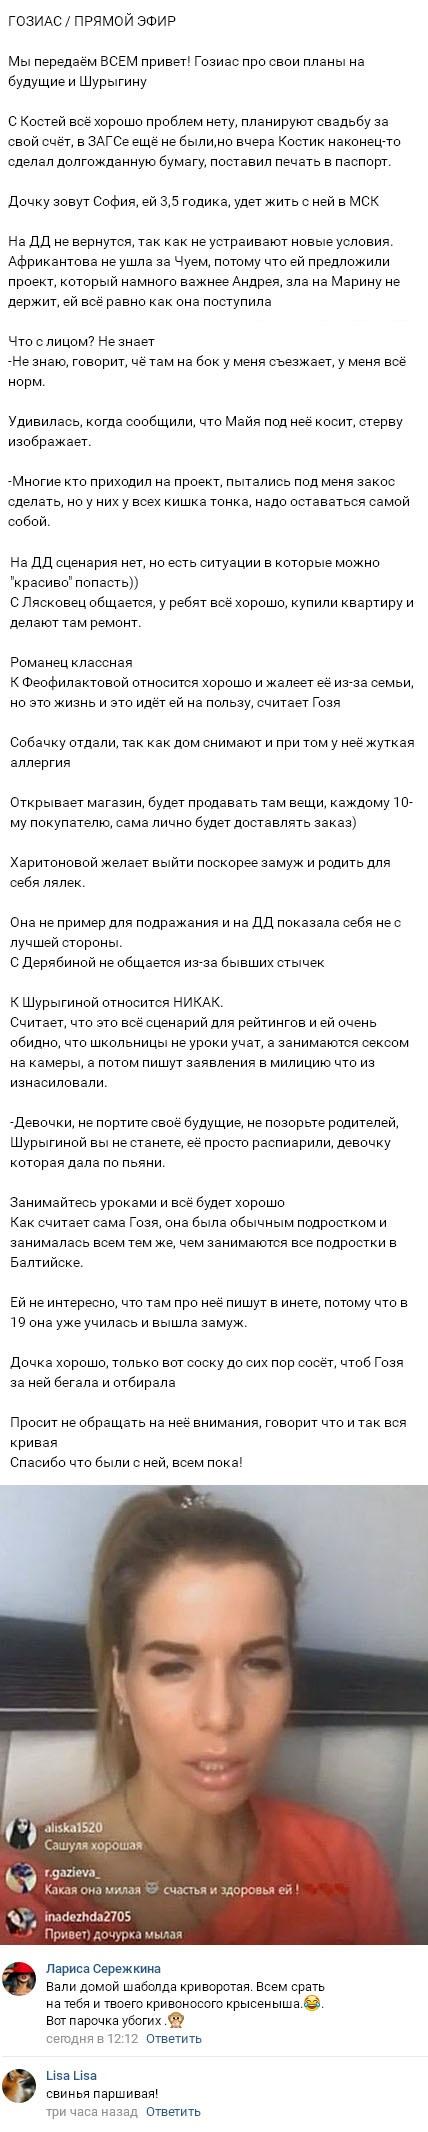 Последовательница Дианы Шурыгиной прошла детектор лжи